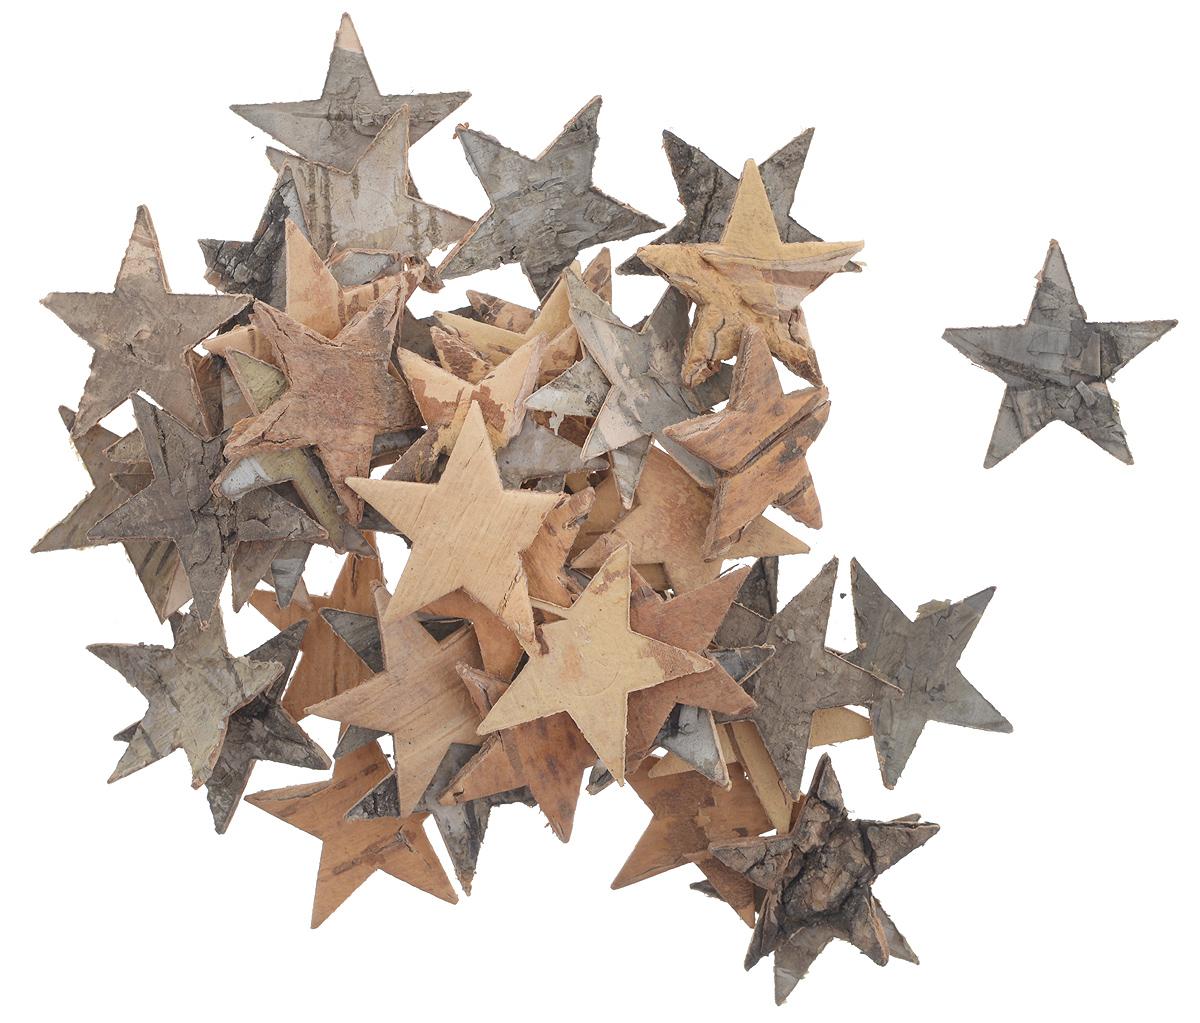 Декоративный элемент Dongjiang Art Звезда, цвет: натуральное дерево, 50 шт1055-SB Пакет Спортивный костюмДекоративный элемент Dongjiang Art Звезда, изготовленный из натуральной коры дерева, предназначен дляукрашения цветочных композиций. Изделие можно также использовать в технике скрапбукинг и многом другом.Флористика - вид декоративно-прикладного искусства, который использует живые, засушенные иликонсервированные природные материалы для создания флористических работ. Это целый мир, в котором естьместо и строгому математическому расчету, и вдохновению.Размеры одного элемента: 3 см х 2,5 см.